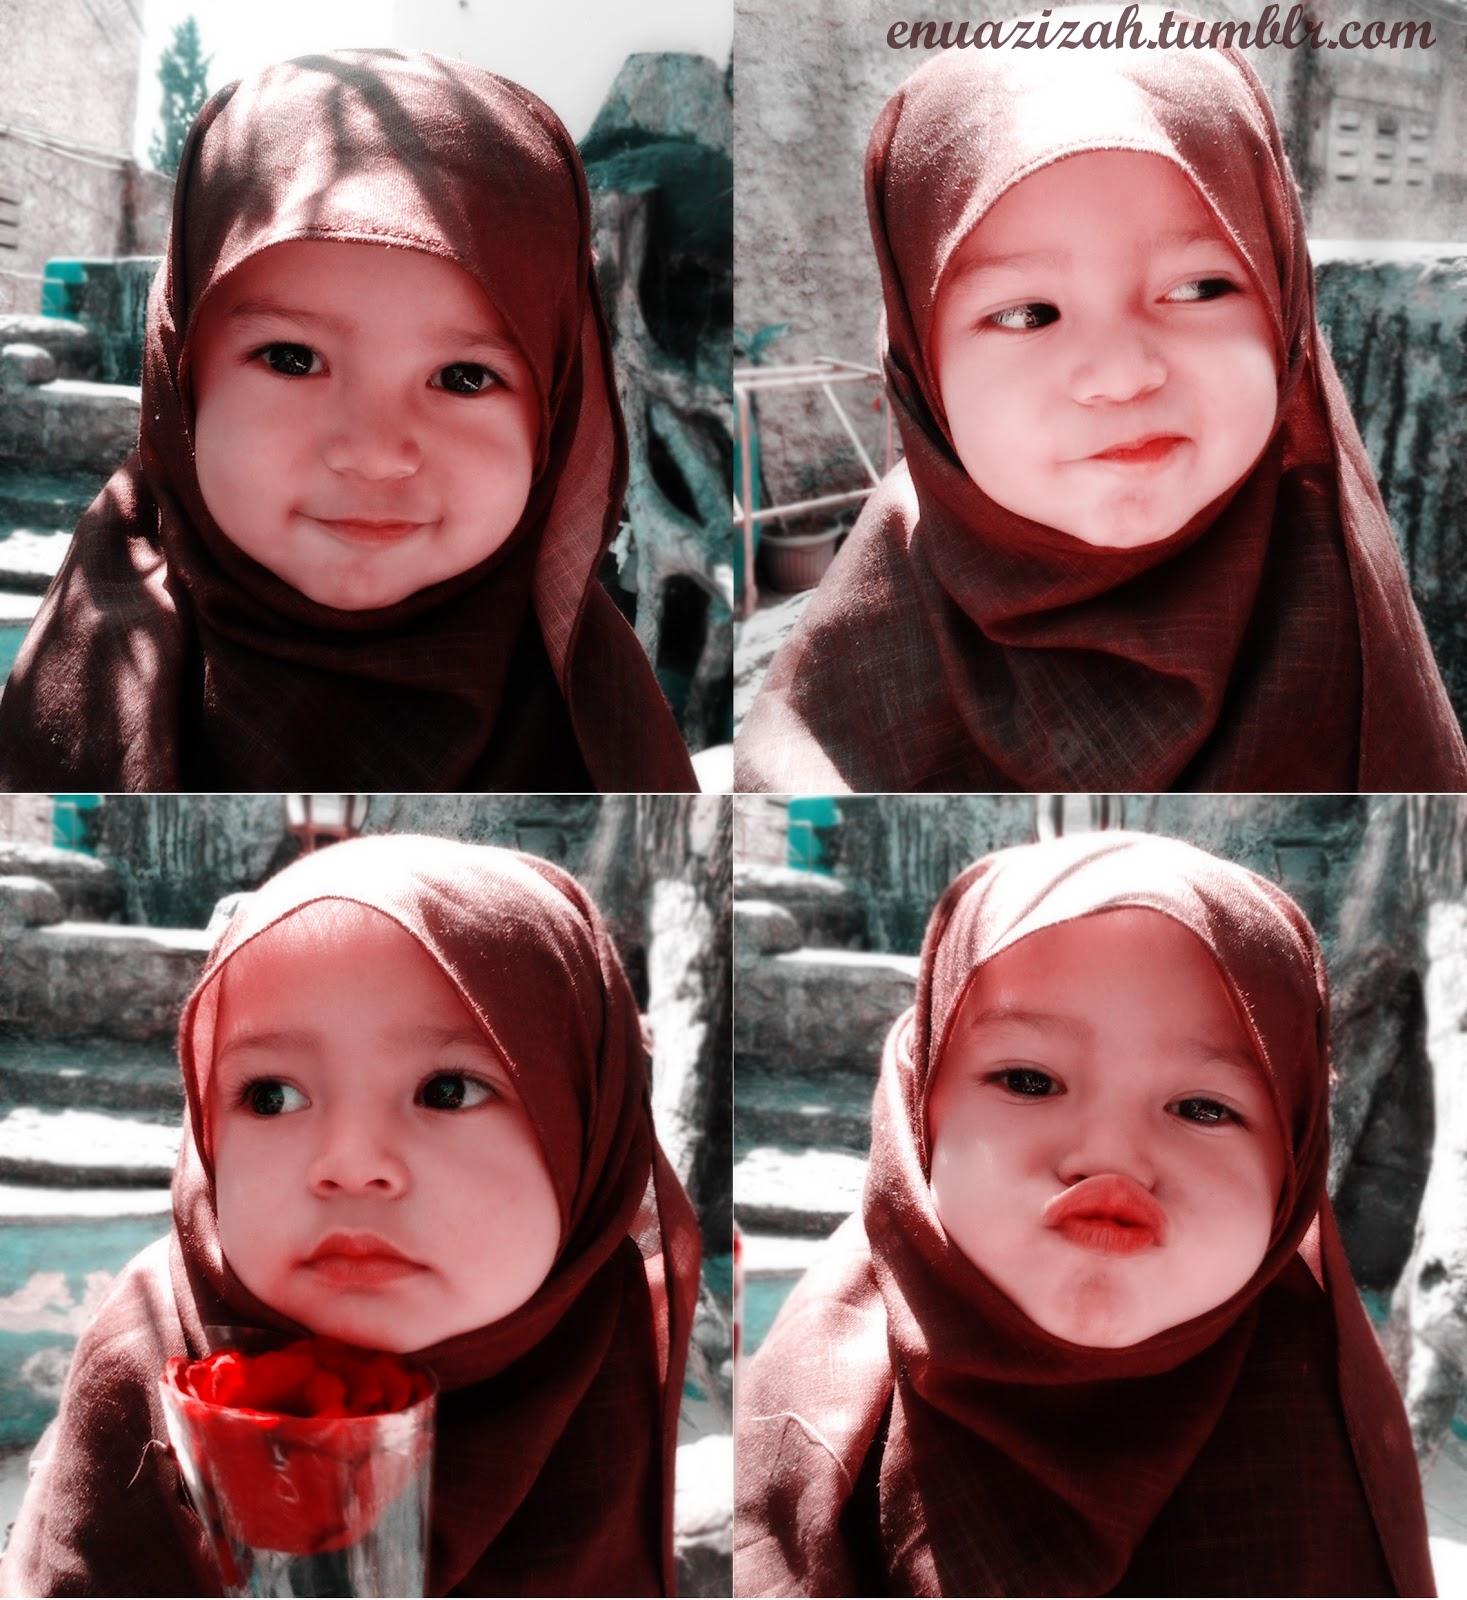 Desita Yusmia 3 Anak Kecil 3